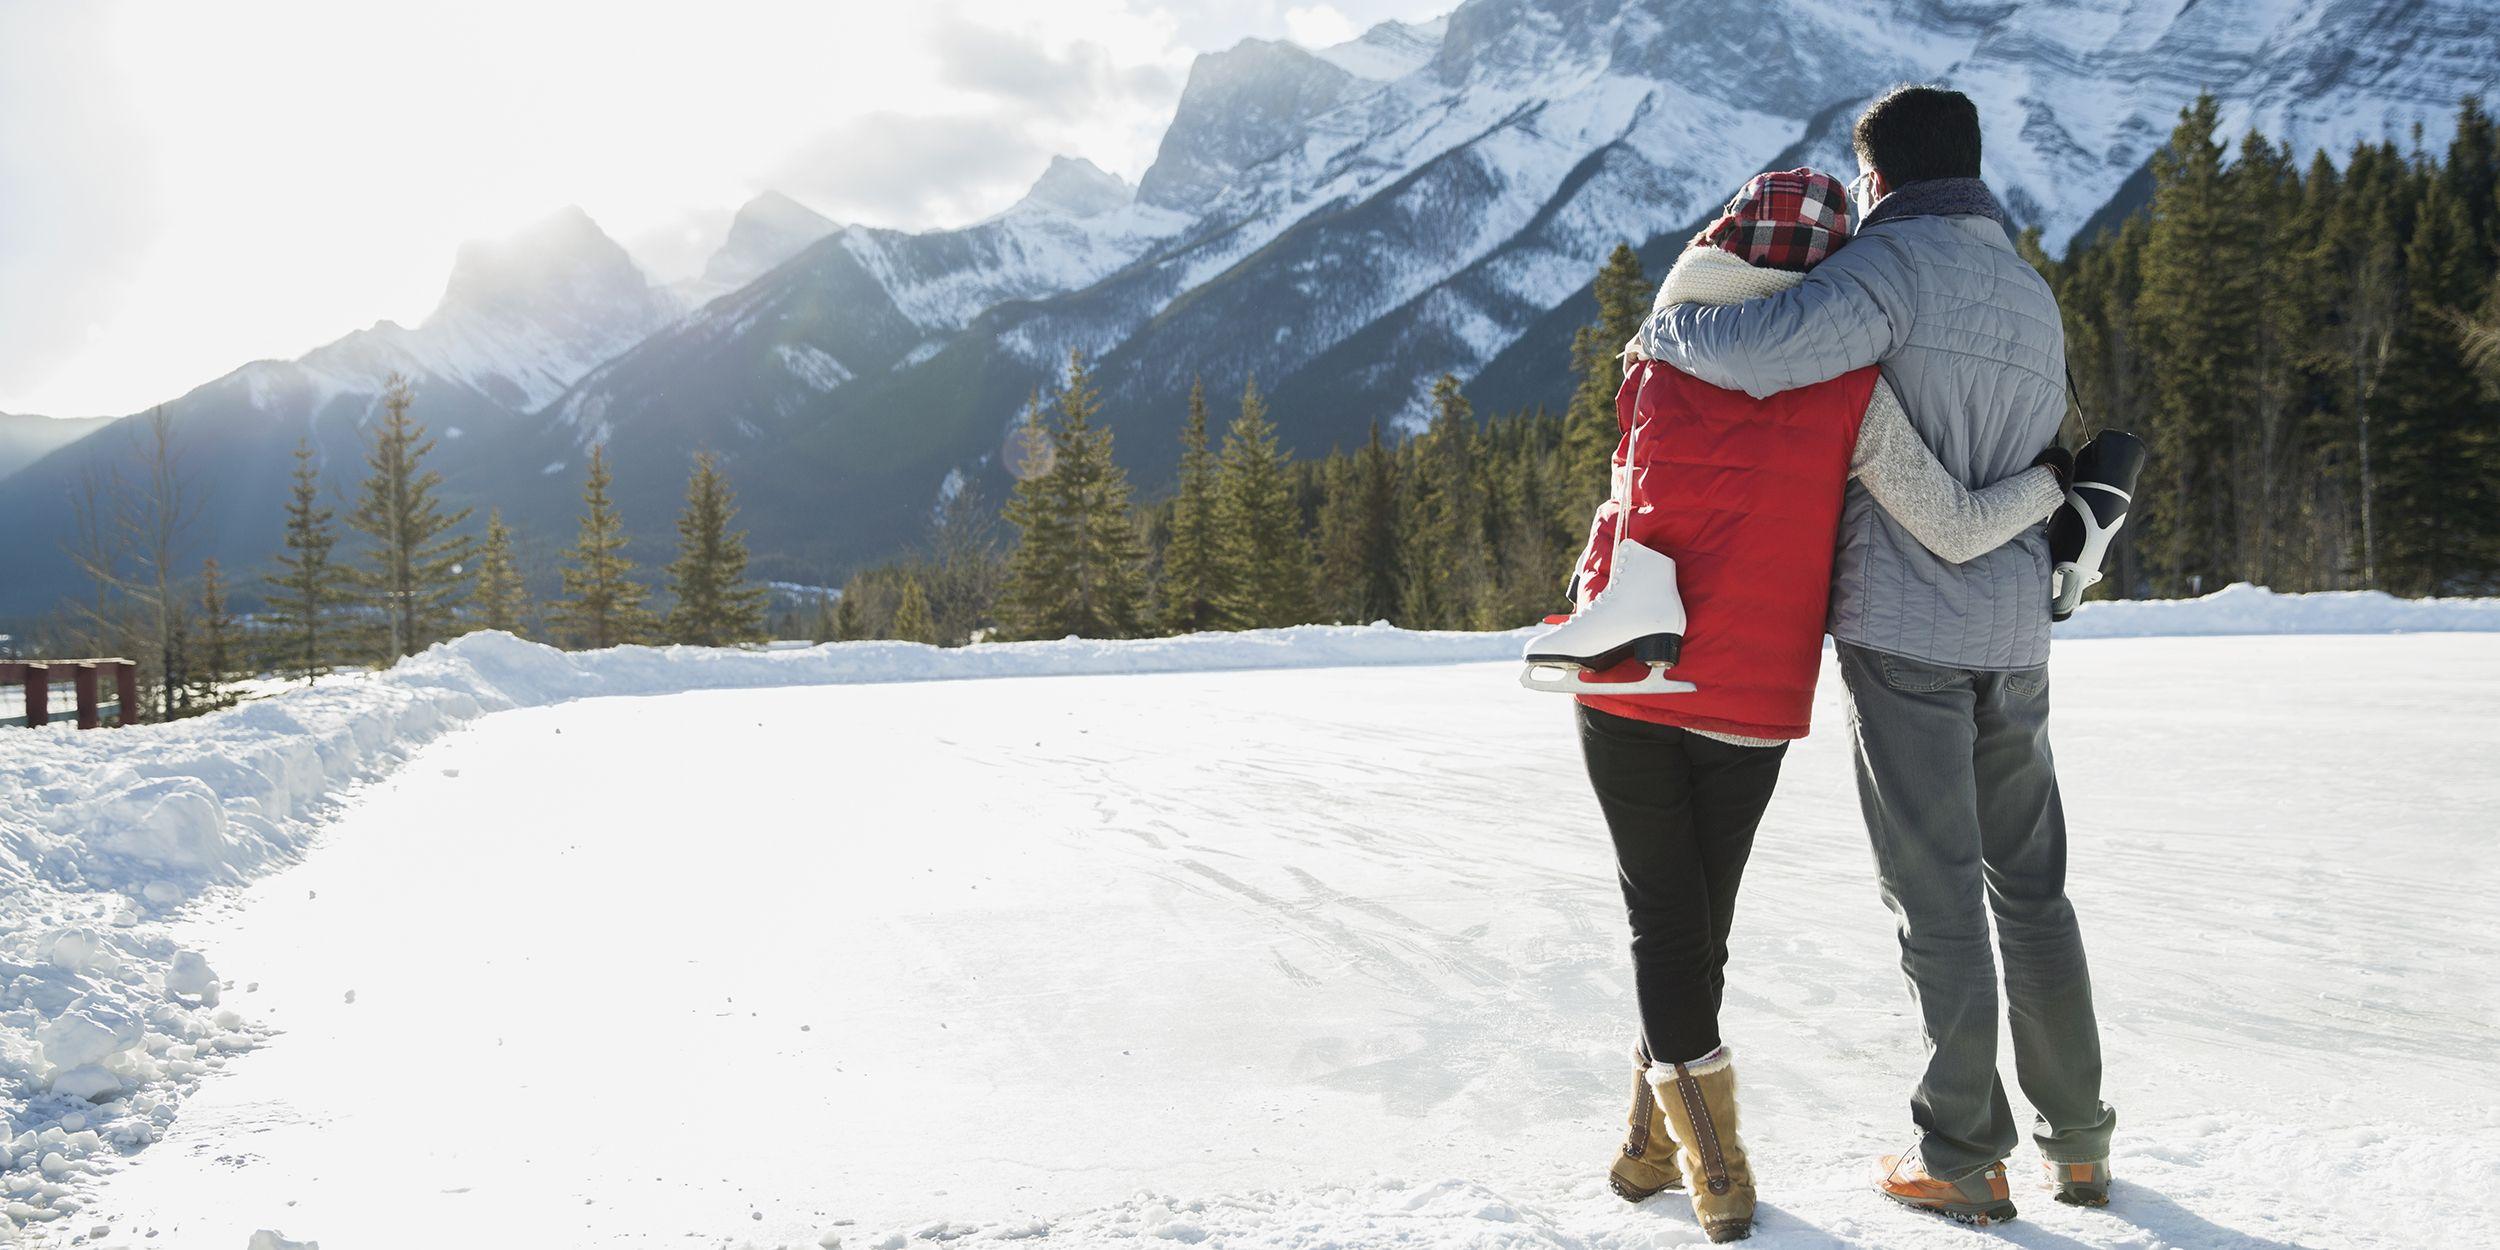 10 Fun Winter Date Ideas - Indoor and Outdoor Winter Activities and ...